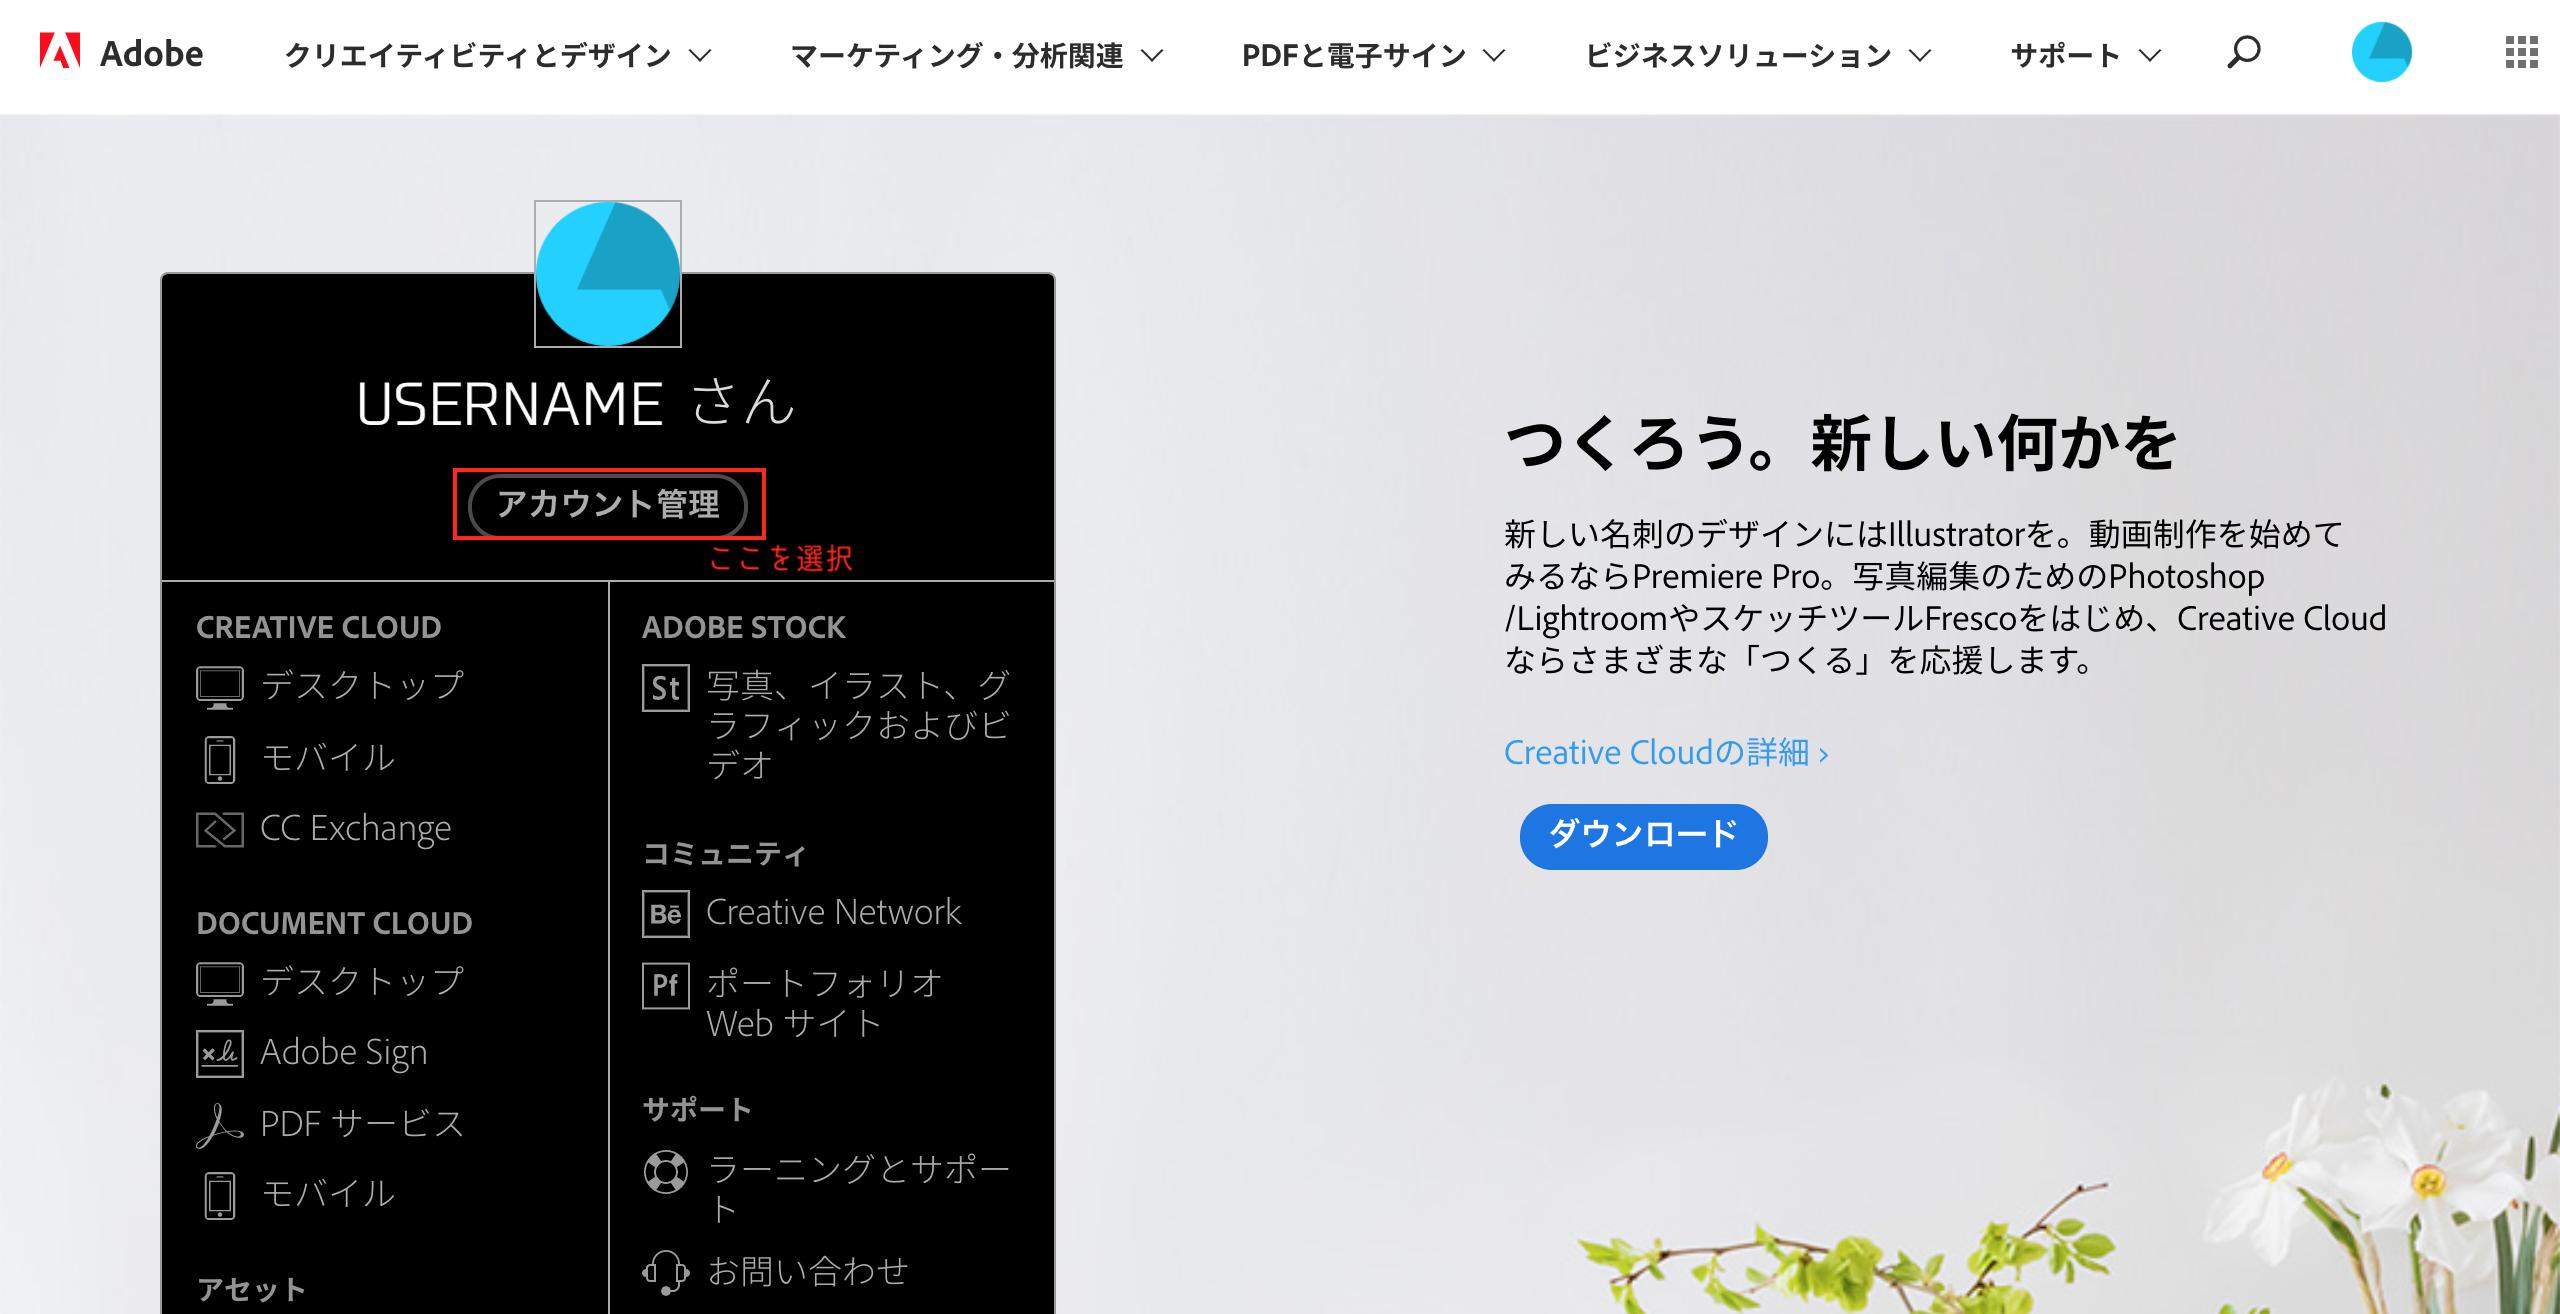 Screenshot 2020 04 08 at 17.10.17